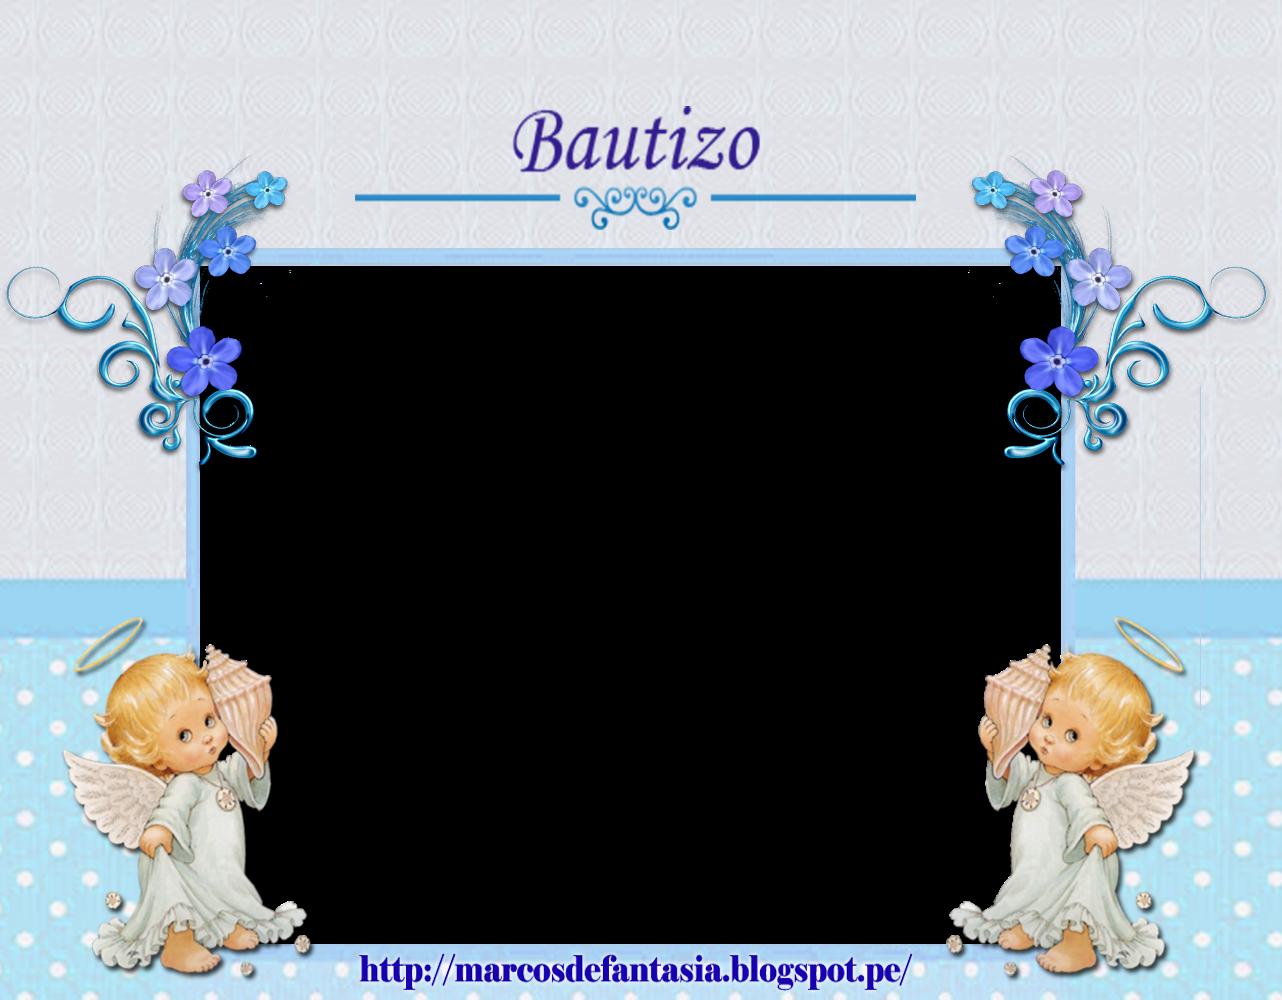 Mi Bautizo Marcos De Fantasia Fotos De Bautizo Marcos Para Bautizo Invitaciones Bautizo Nino